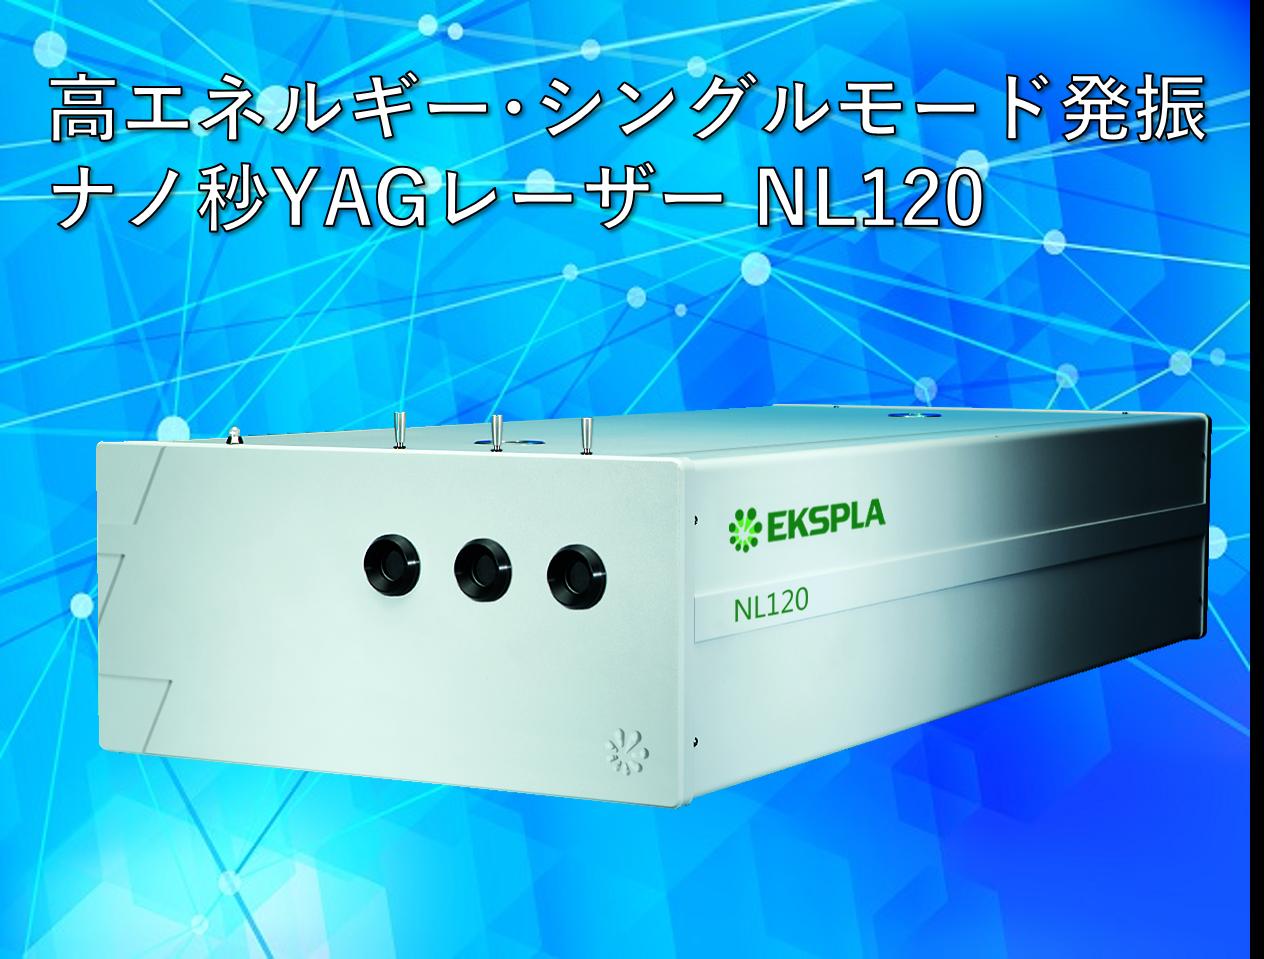 EKSPLA社 NL120 製品画像